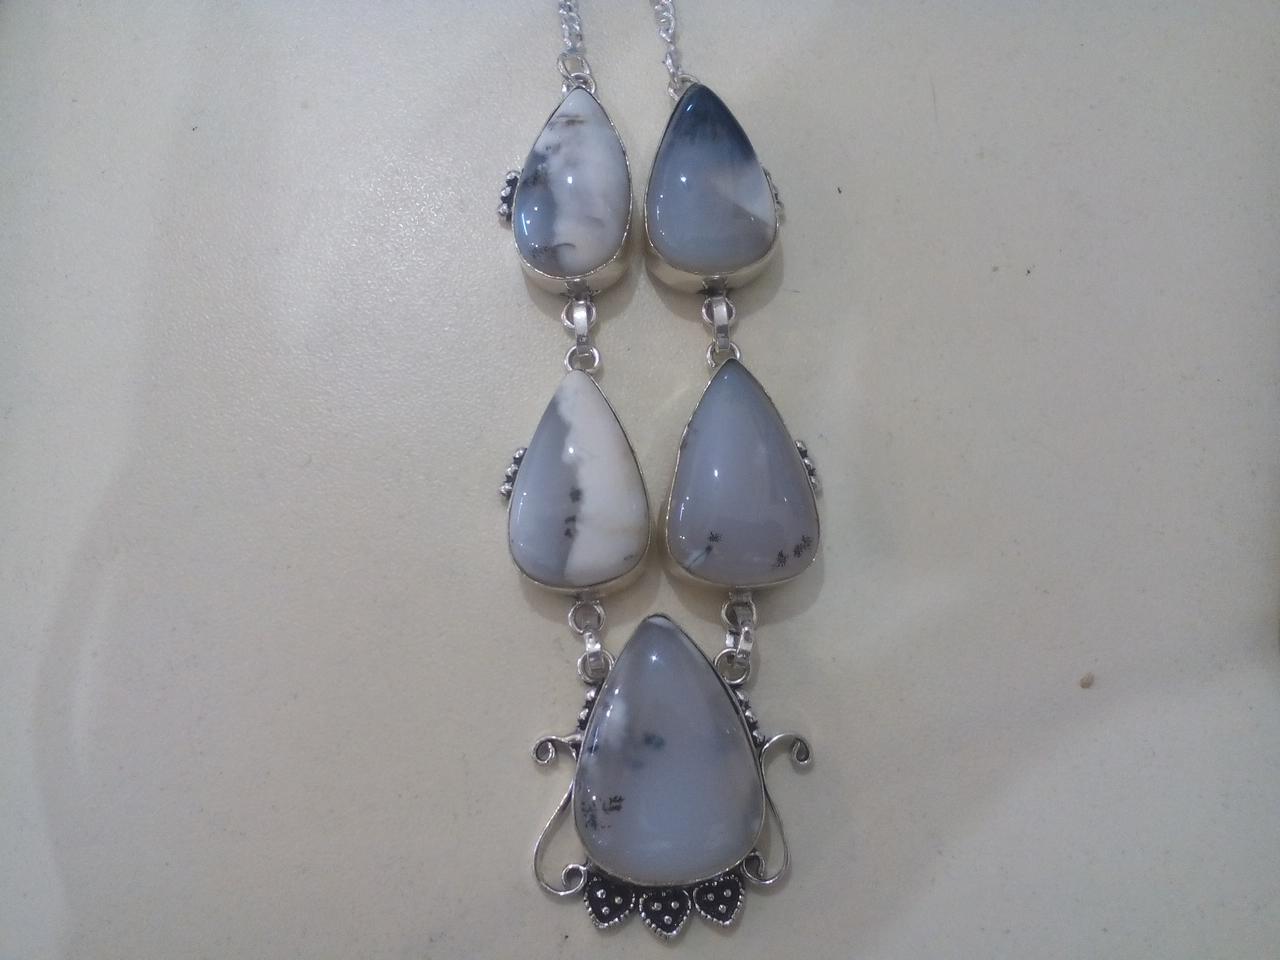 Ожерелье с дендро-опалом в серебре. Колье дендритовый опал Индия!